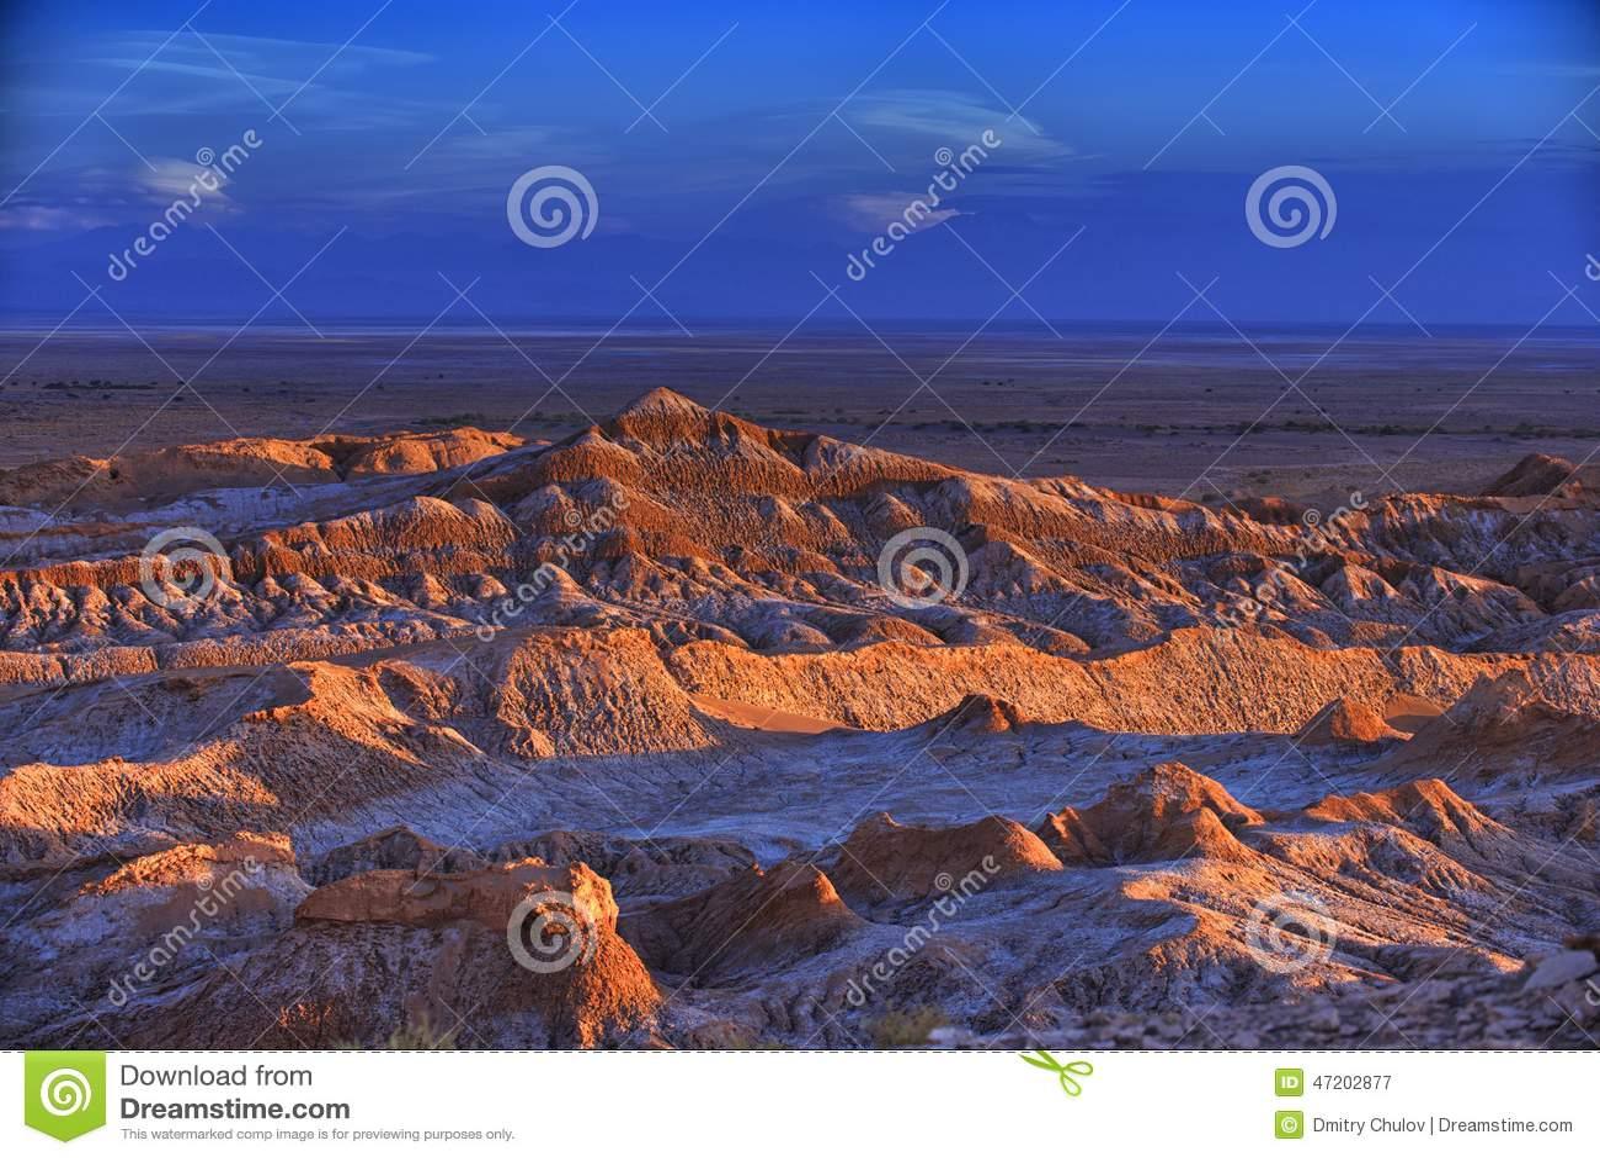 Barren landscape of the Moon valley in Atacama desert, Chile.